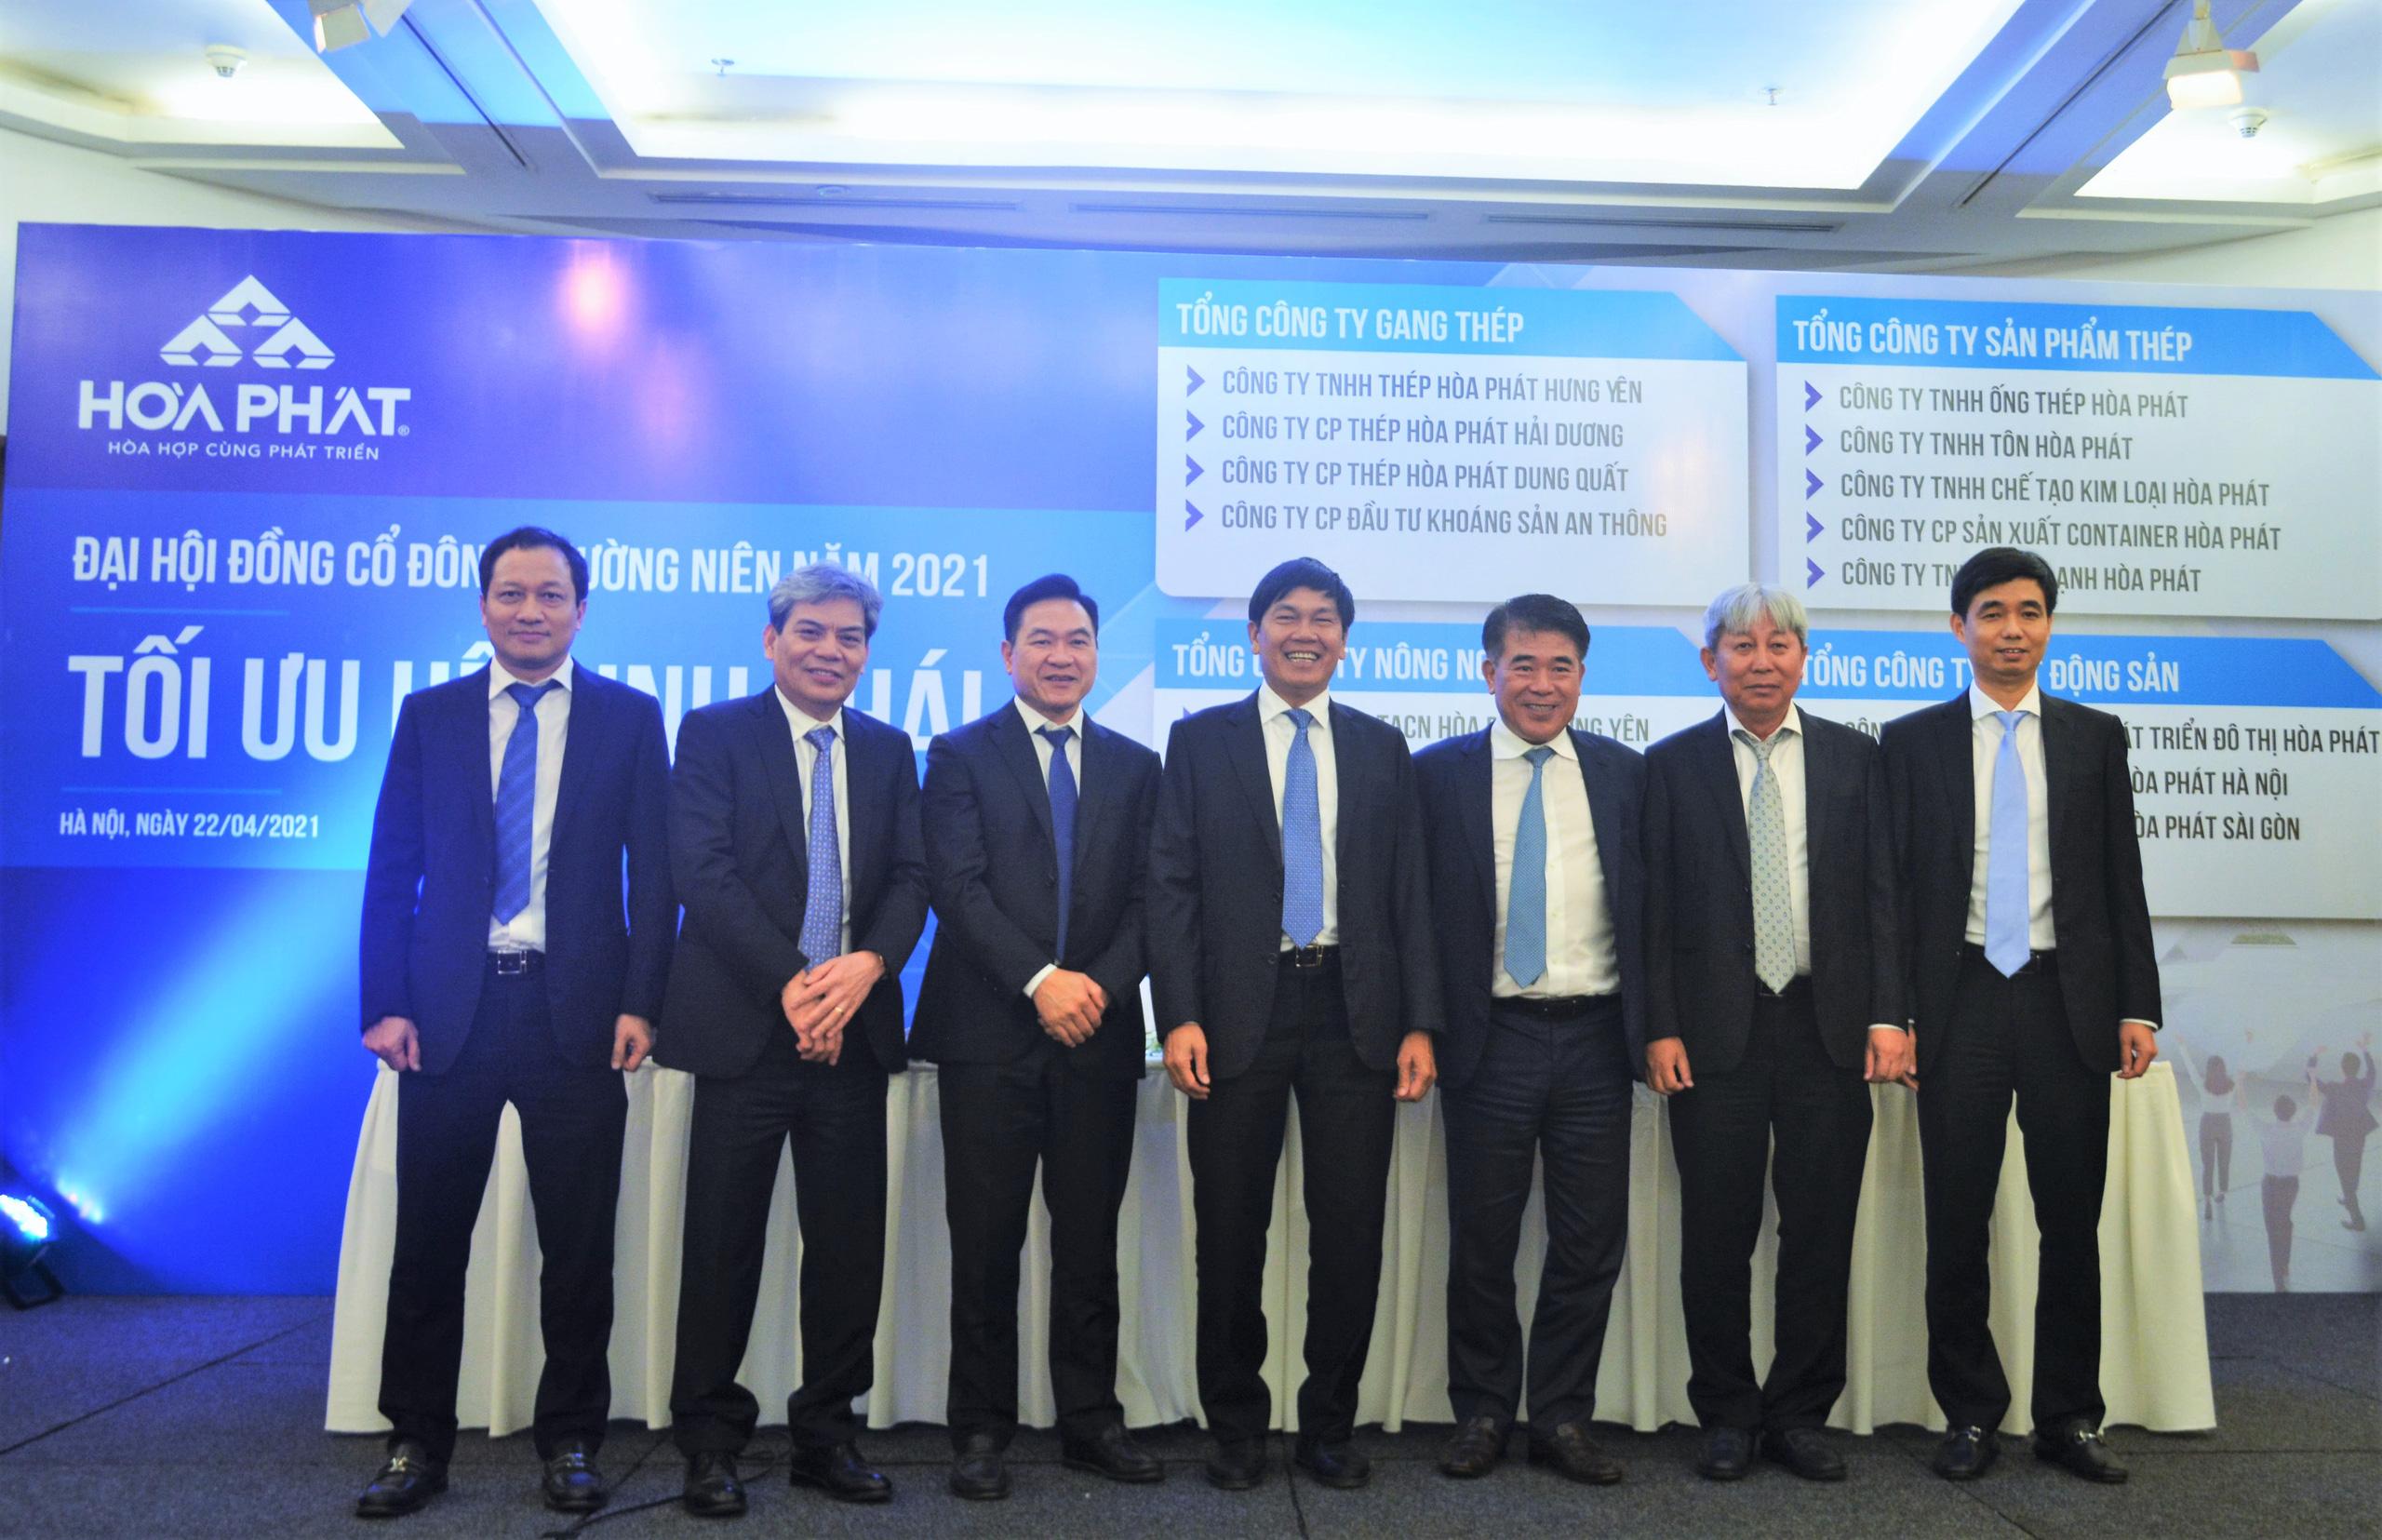 Người nhà lãnh đạo Hòa Phát đăng ký bán bớt cổ phiếu HPG - Ảnh 1.